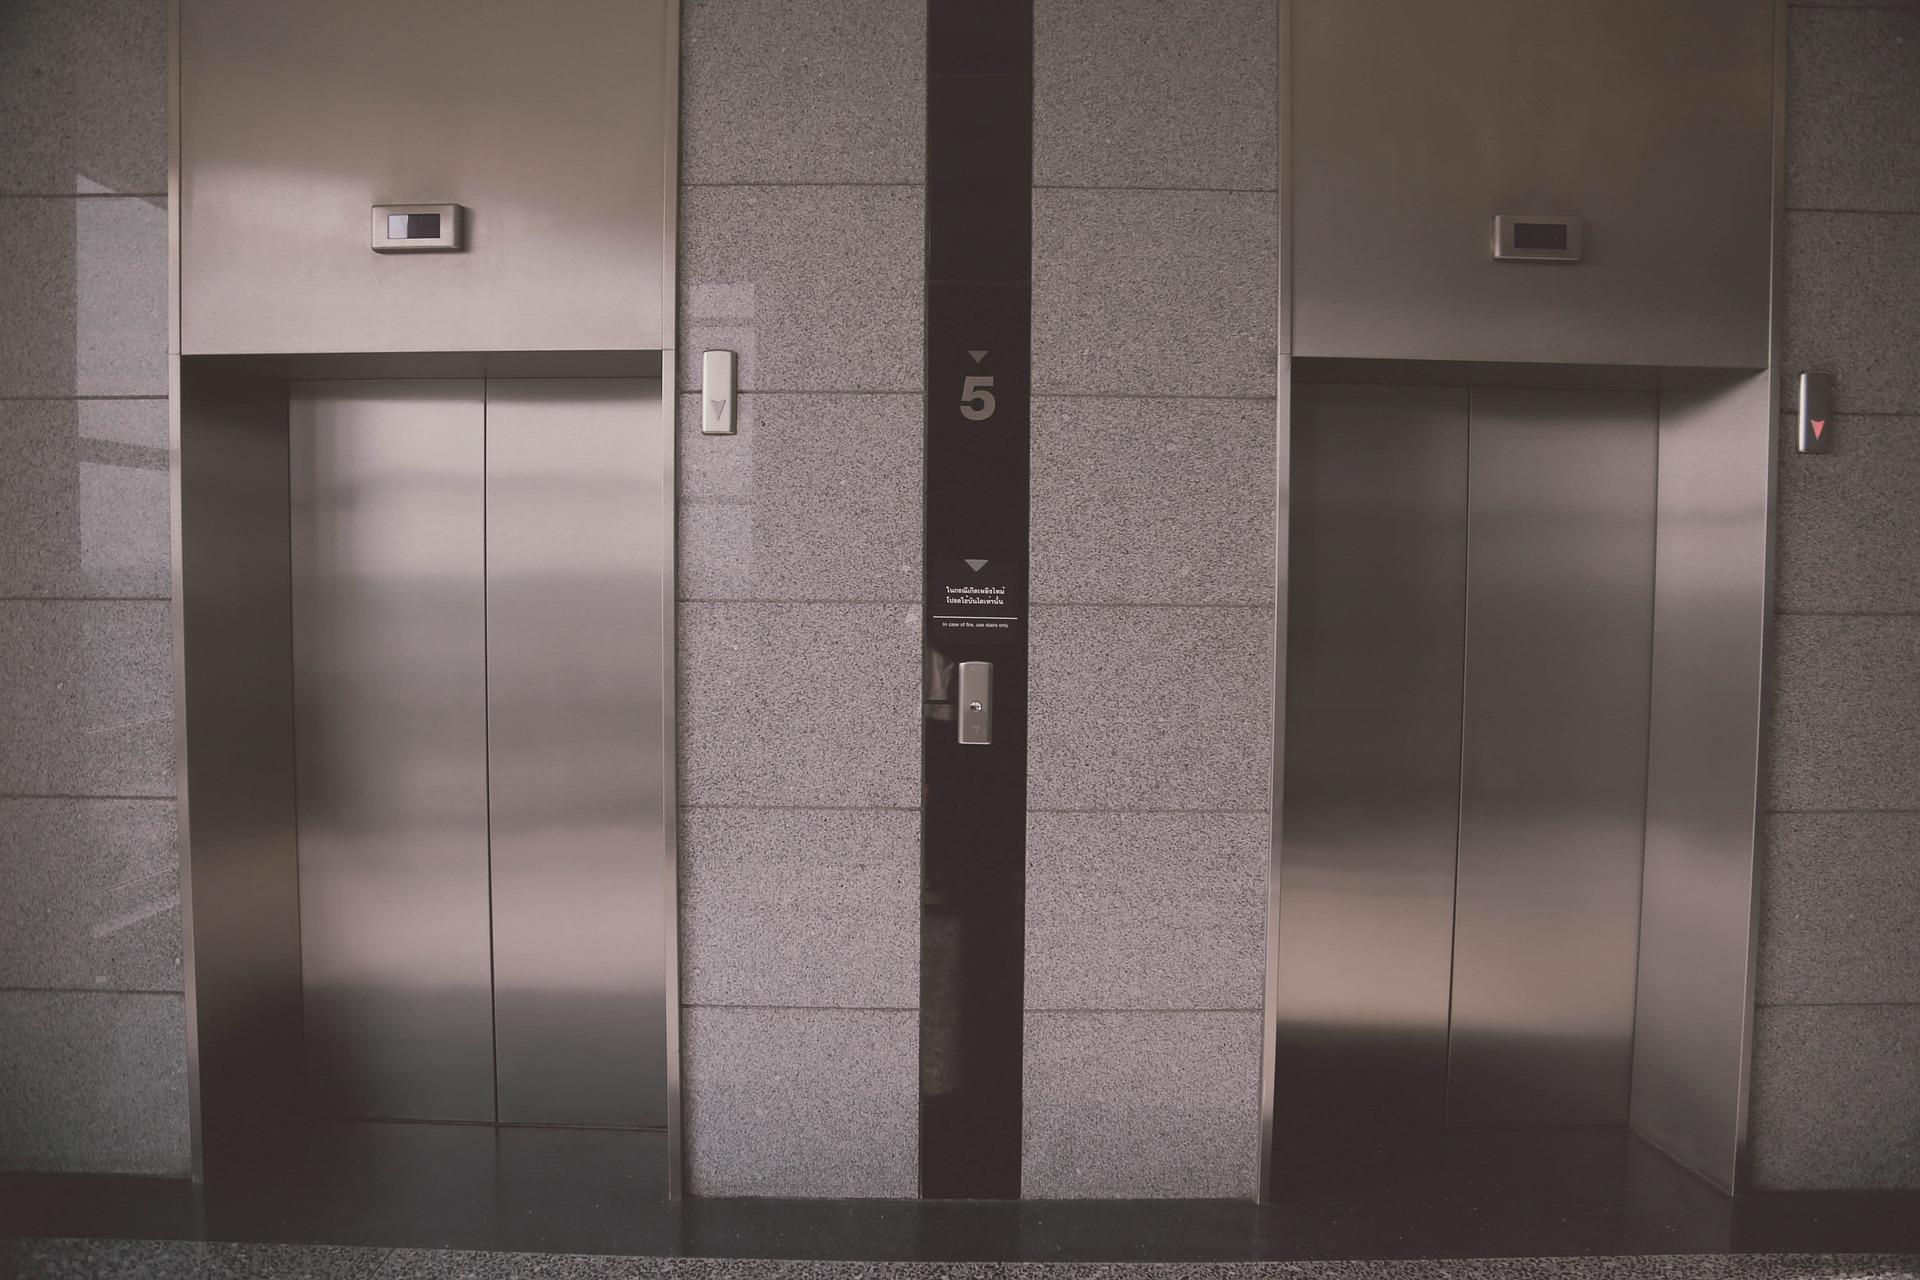 Instalação e manutenção de elevadores